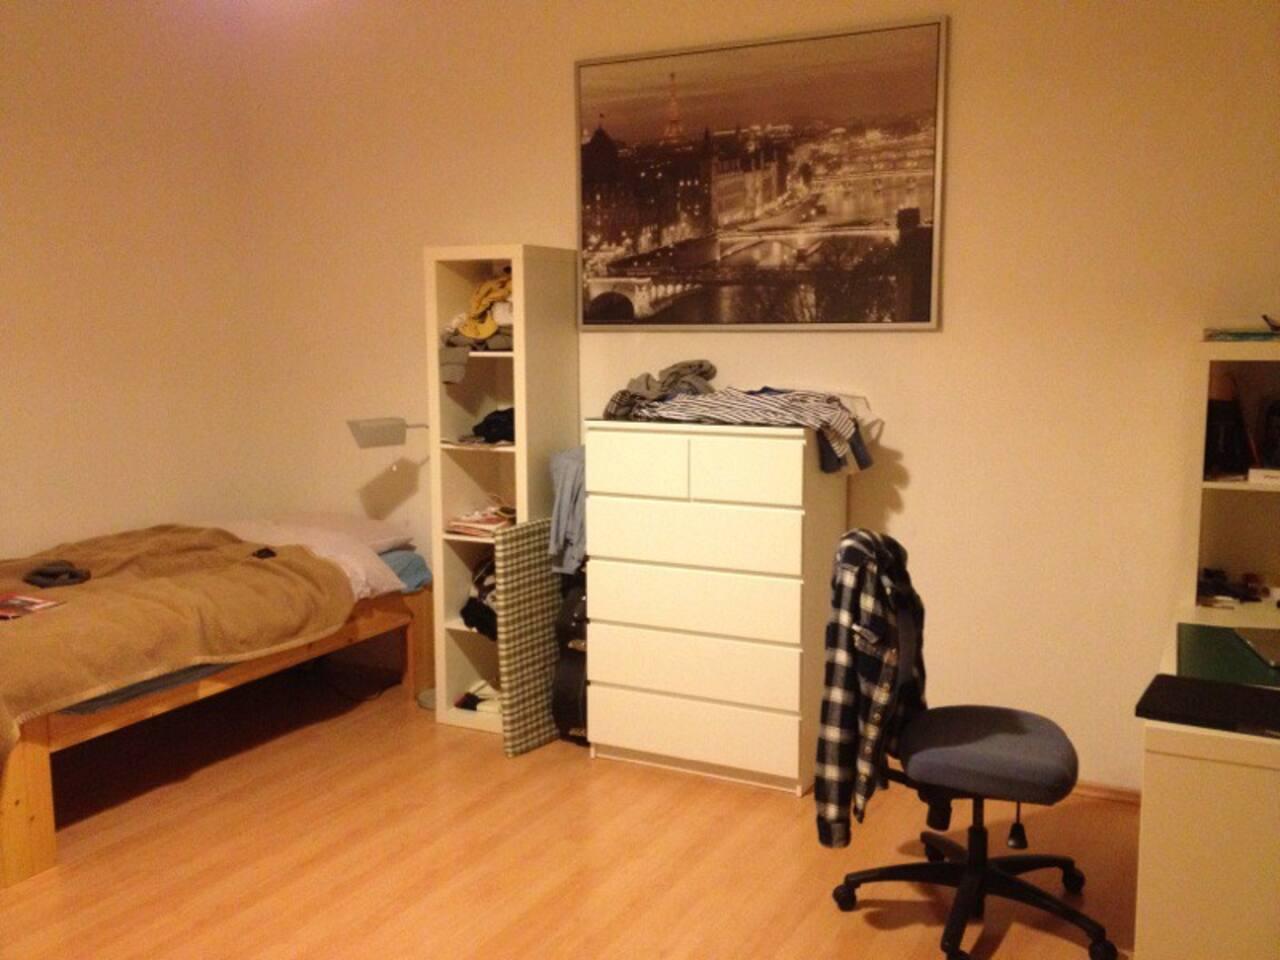 Dein 20qm Zimmer, mit Bett auf der linken Seite, Schränken, Schreibtisch rechts. Ein großes Fenster nach draußen.